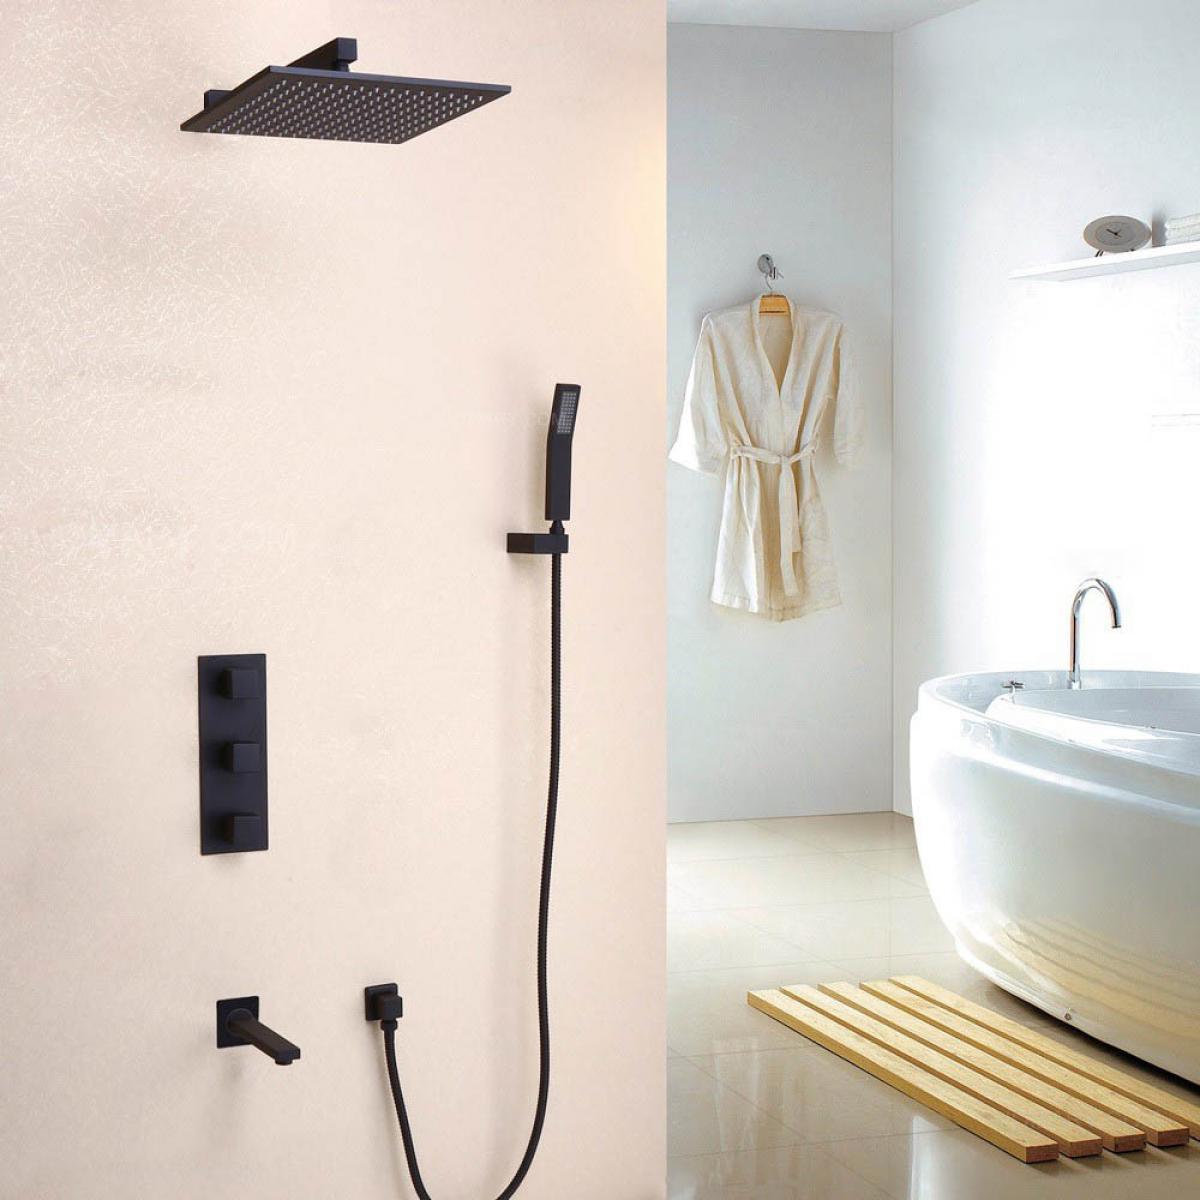 Kroos Système de douche thermostatique mural noir laiton massif thermostatique support mural 250 mm